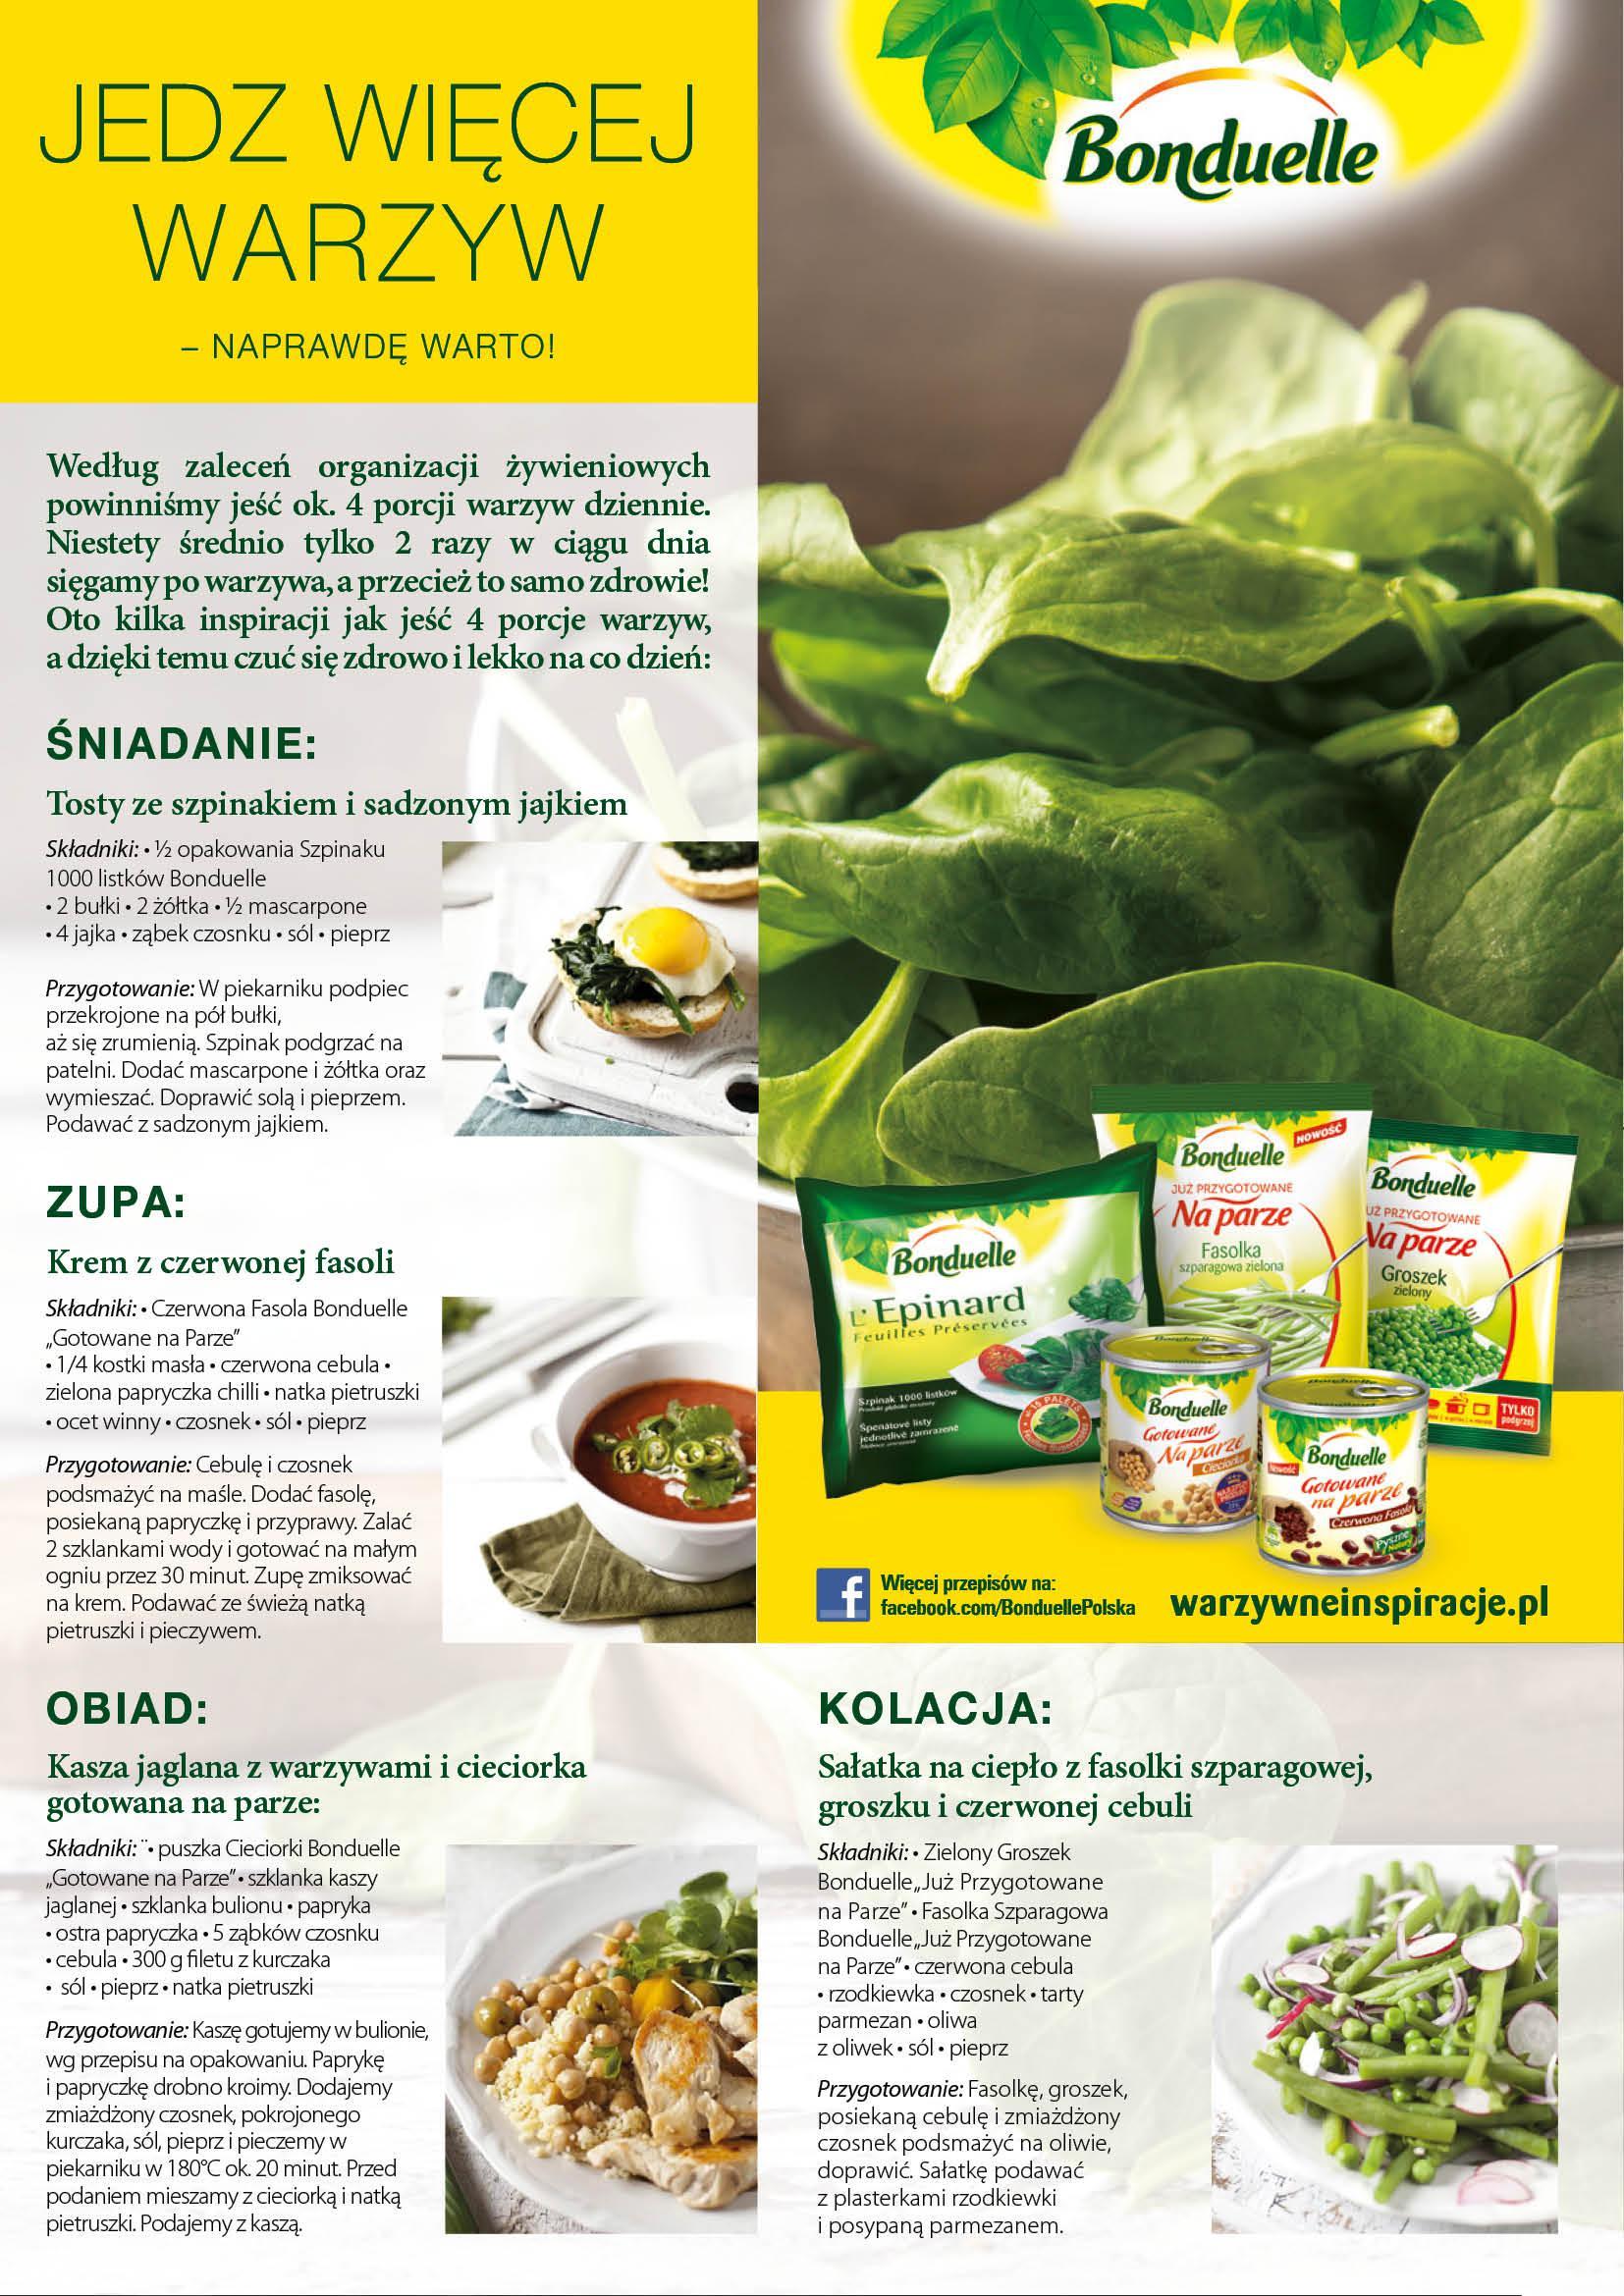 Kuchnia w parze ze zdrowiem - Strona 17